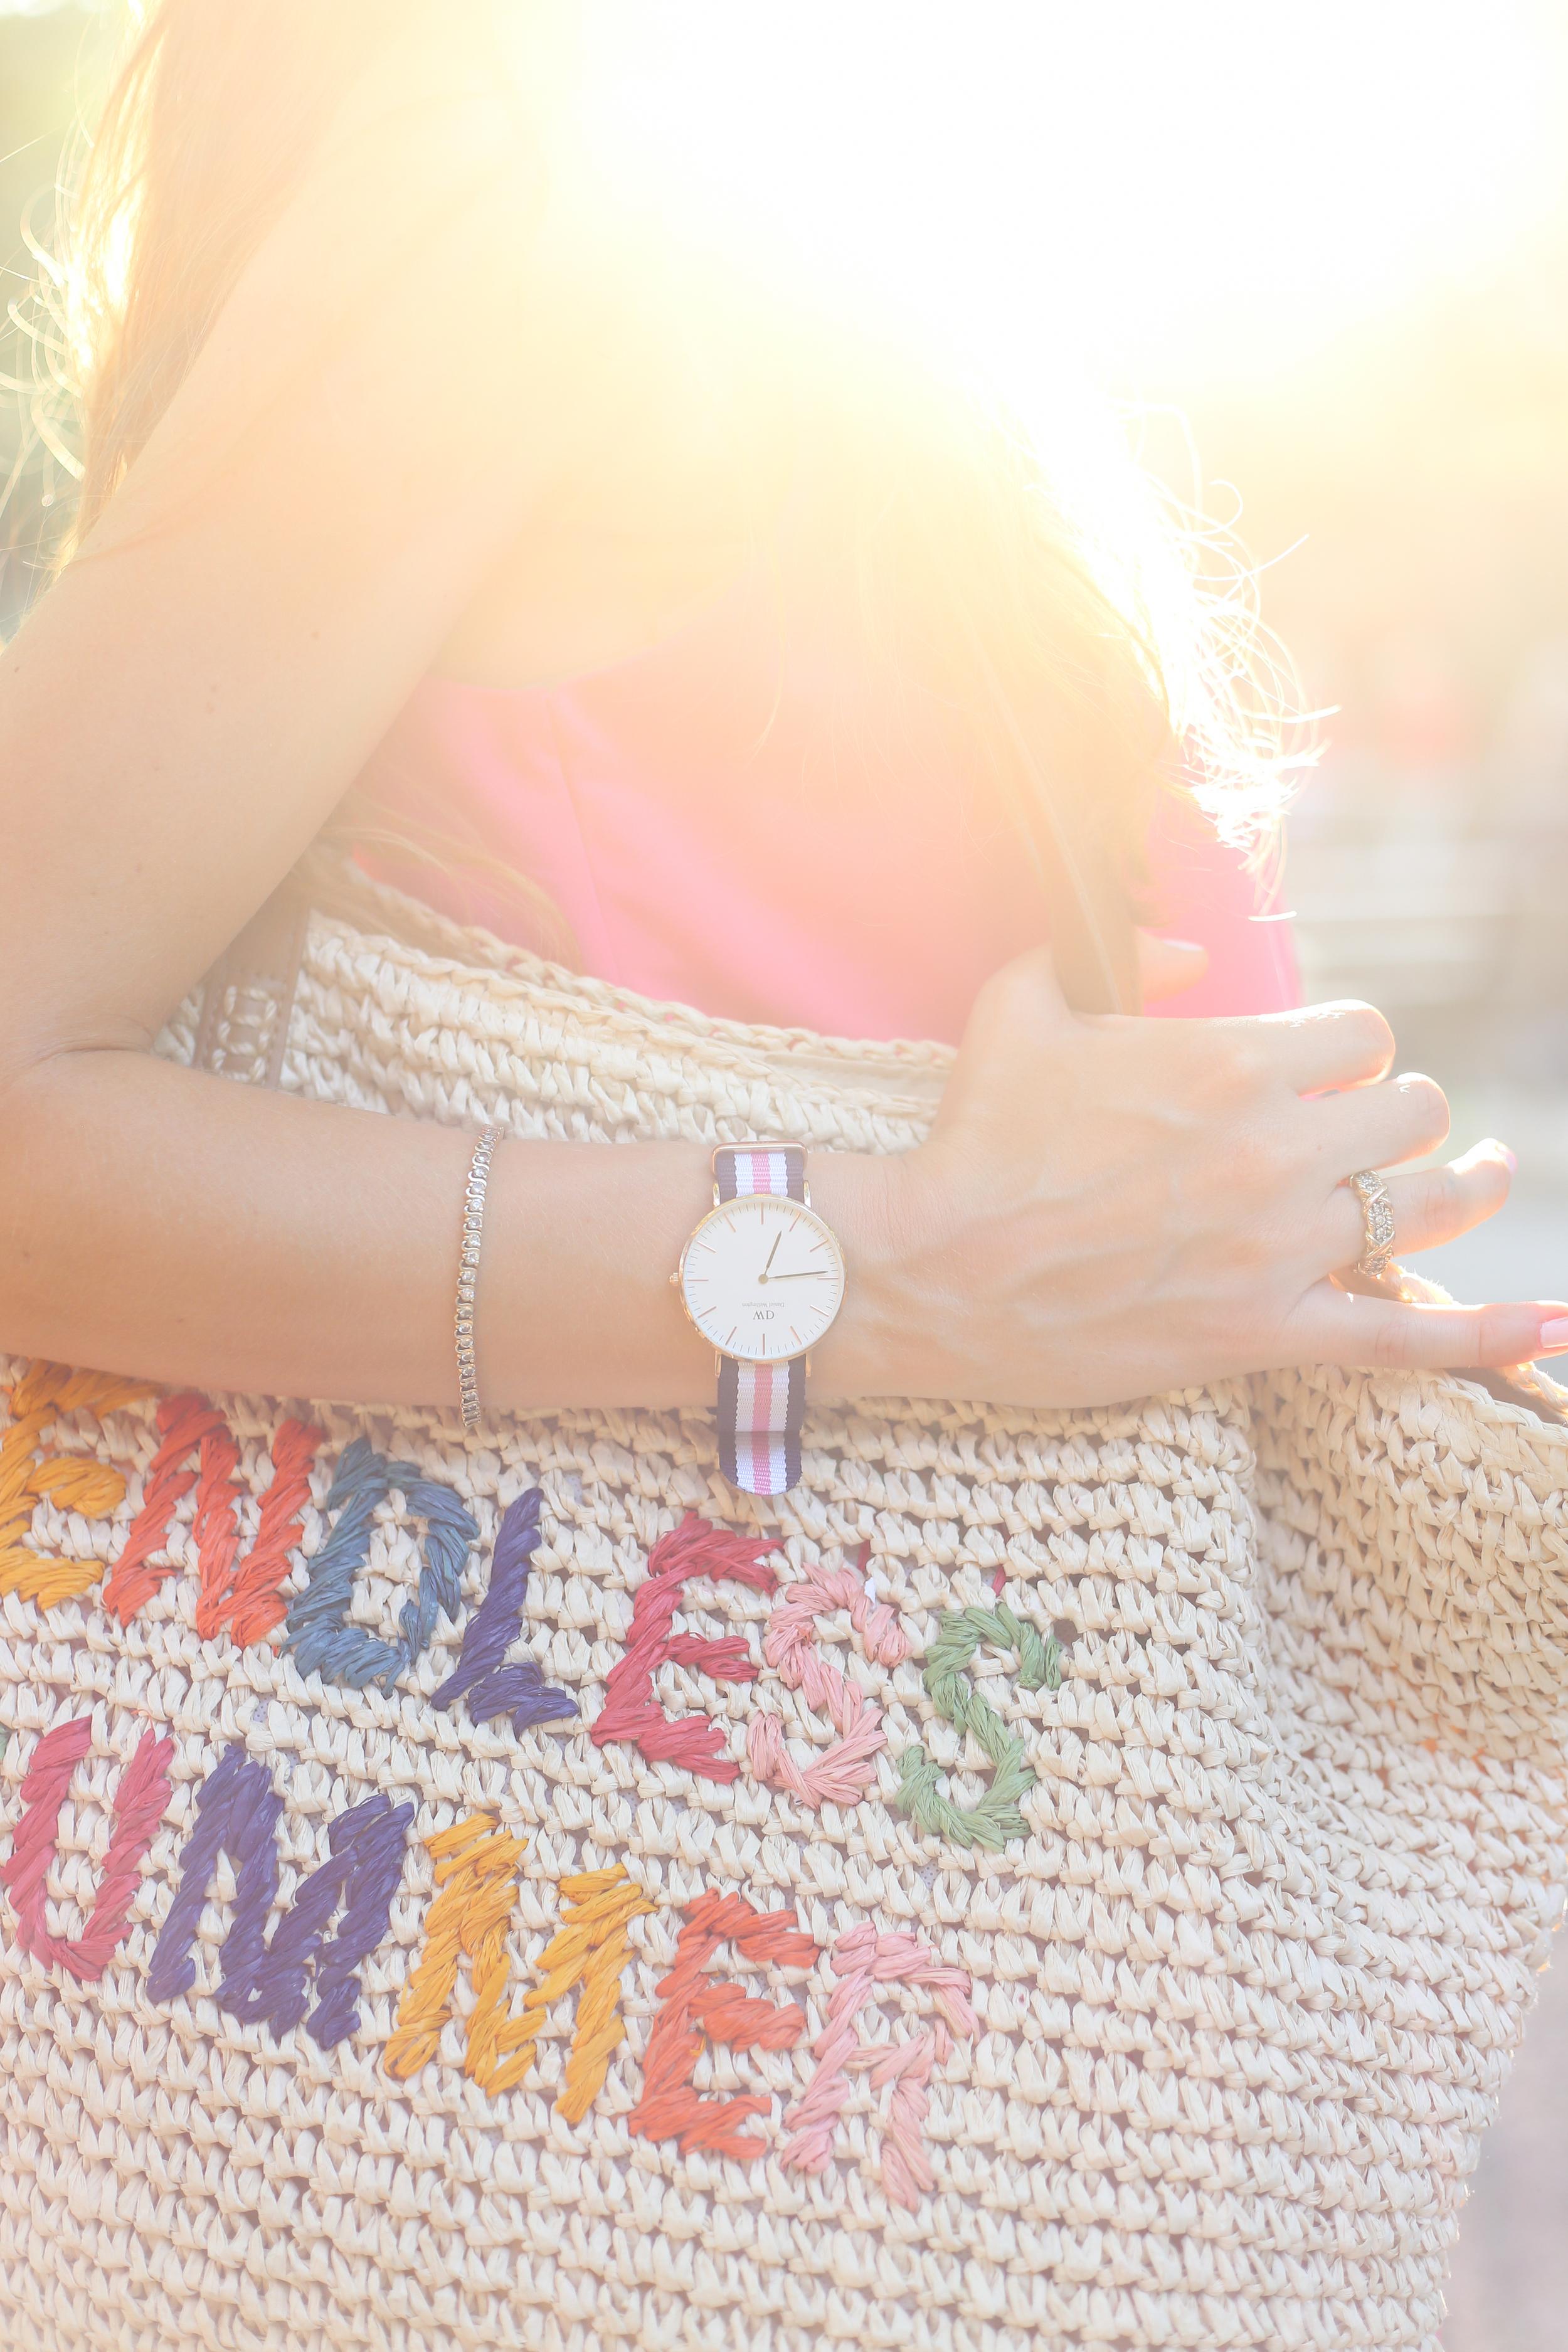 Pink + Colorful Tassels at Knoebels- Enchanting Elegance